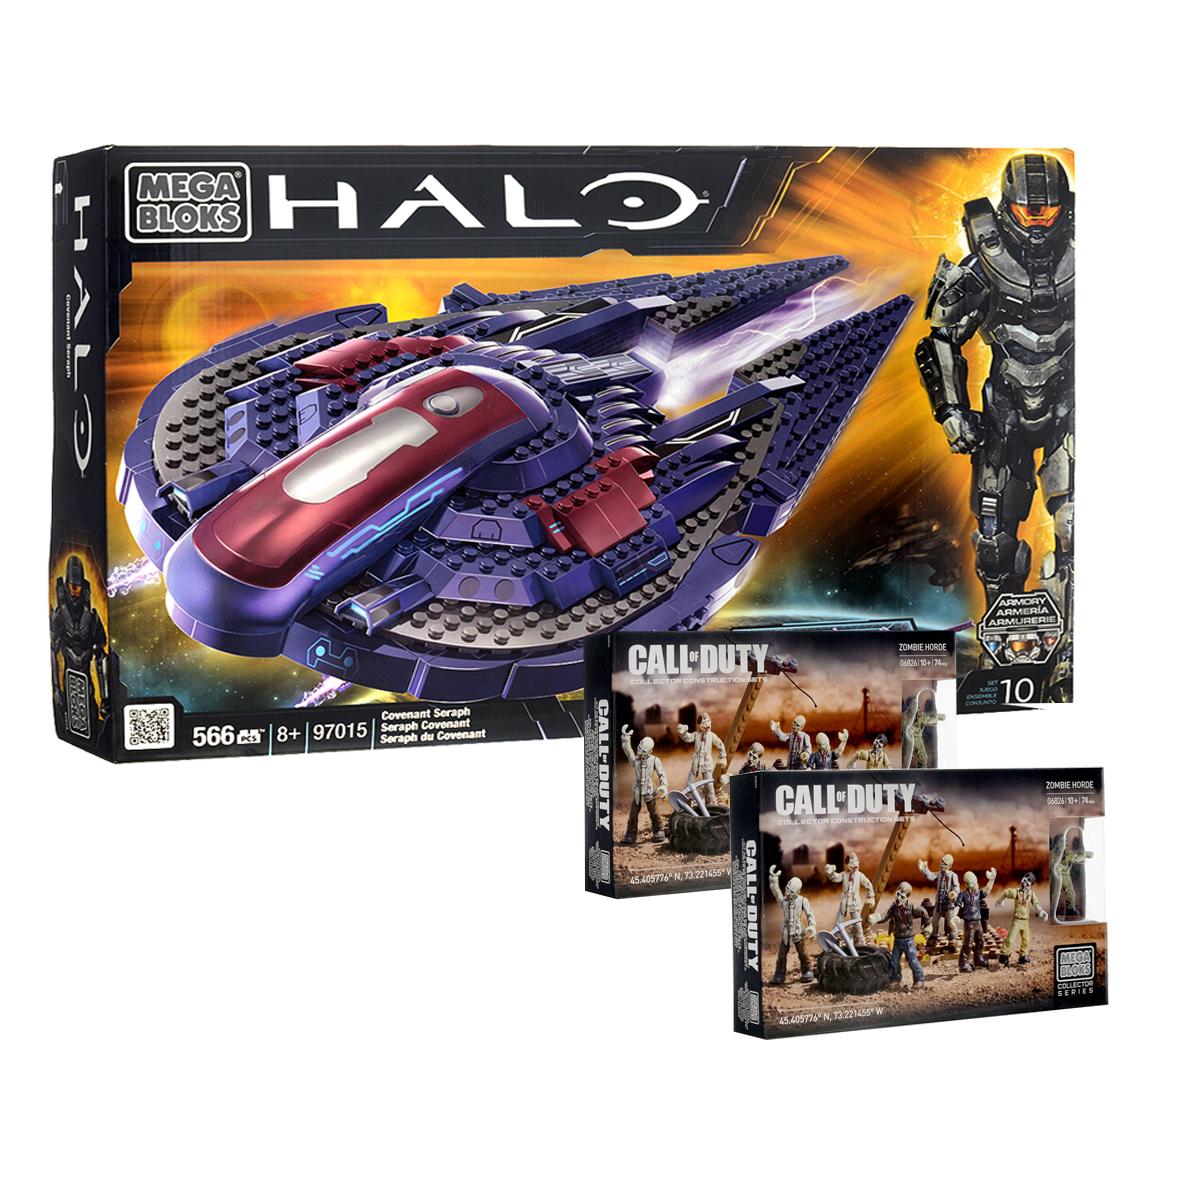 Mega Bloks Halo Конструктор Звездный истребитель + подарок набор Call of DutyN_97015(06814)Набор-конструктор Mega Bloks Звездный истребитель Halo поможет вашему ребенку перенестись в таинственный мир, полный опасностей и приключений! Набор включает в себя 566 ярких пластиковых элементов, с помощью которых можно собрать звездный истребитель. На построенном звездном истребителе ваш ребенок сможет устраивать захватывающие сражения на просторах таинственного мира. Такой истребитель станет отличным спутником для любой миссии. Также в подарок вы получите 2 набора конструктора Mega Bloks из серии Call of Duty.